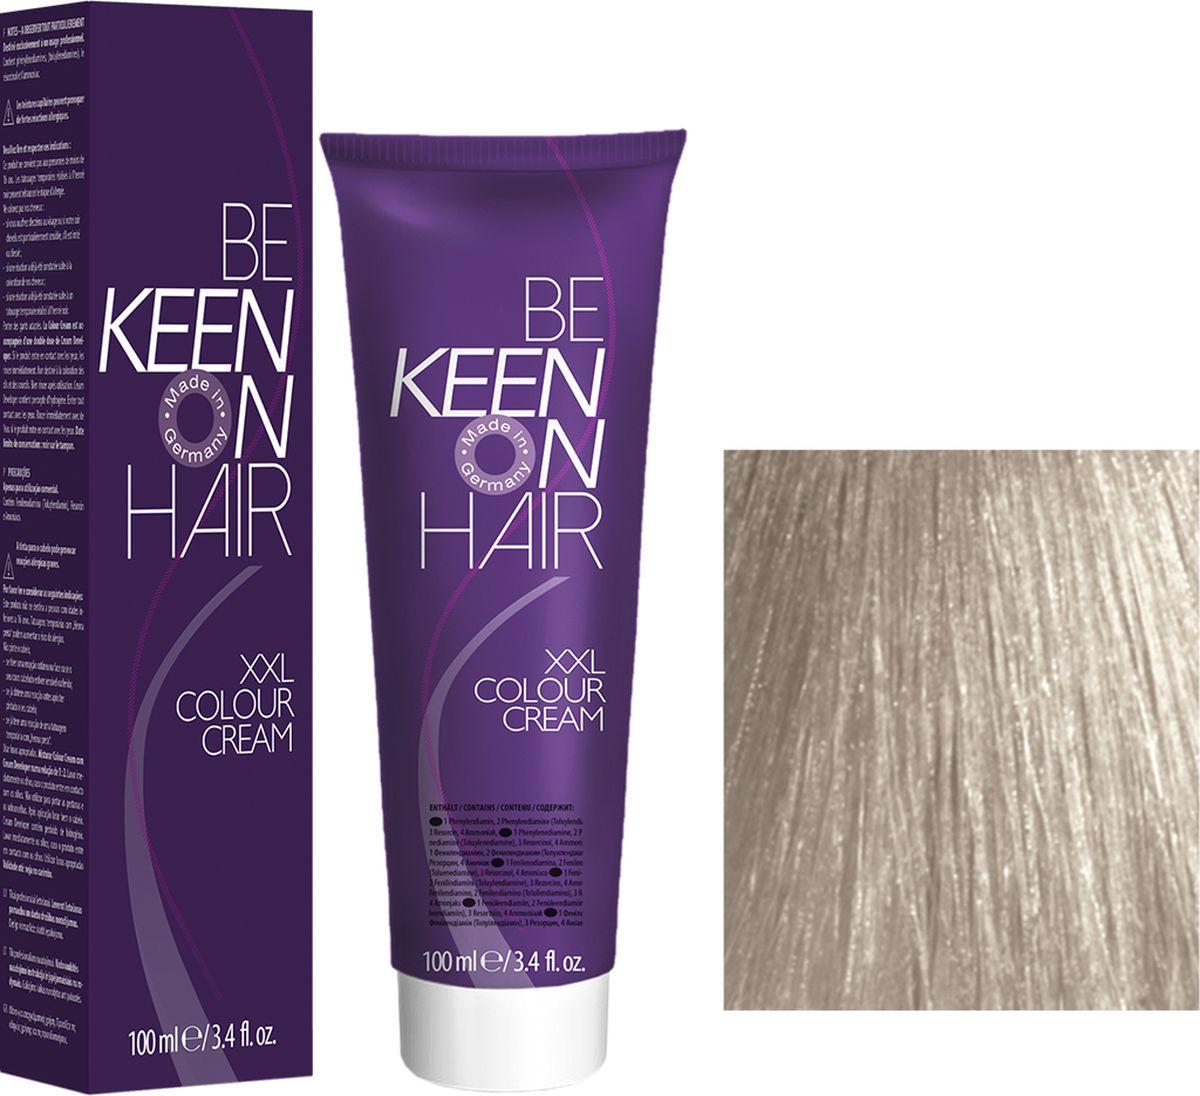 Keen Краска для волос 12.16 Платиновый пепельно-фиолетовый блондин Platinblond Asch-Violett, 100 мл69100105Модные оттенкиБолее 100 оттенков для креативной комбинации цветов.ЭкономичностьПри использовании тюбика 100 мл вы получаете оптимальное соотношение цены и качества!УходМолочный белок поддерживает структуру волоса во время окрашивания и придает волосам блеск и шелковистость. Протеины хорошо встраиваются в волосы и снабжают их влагой.